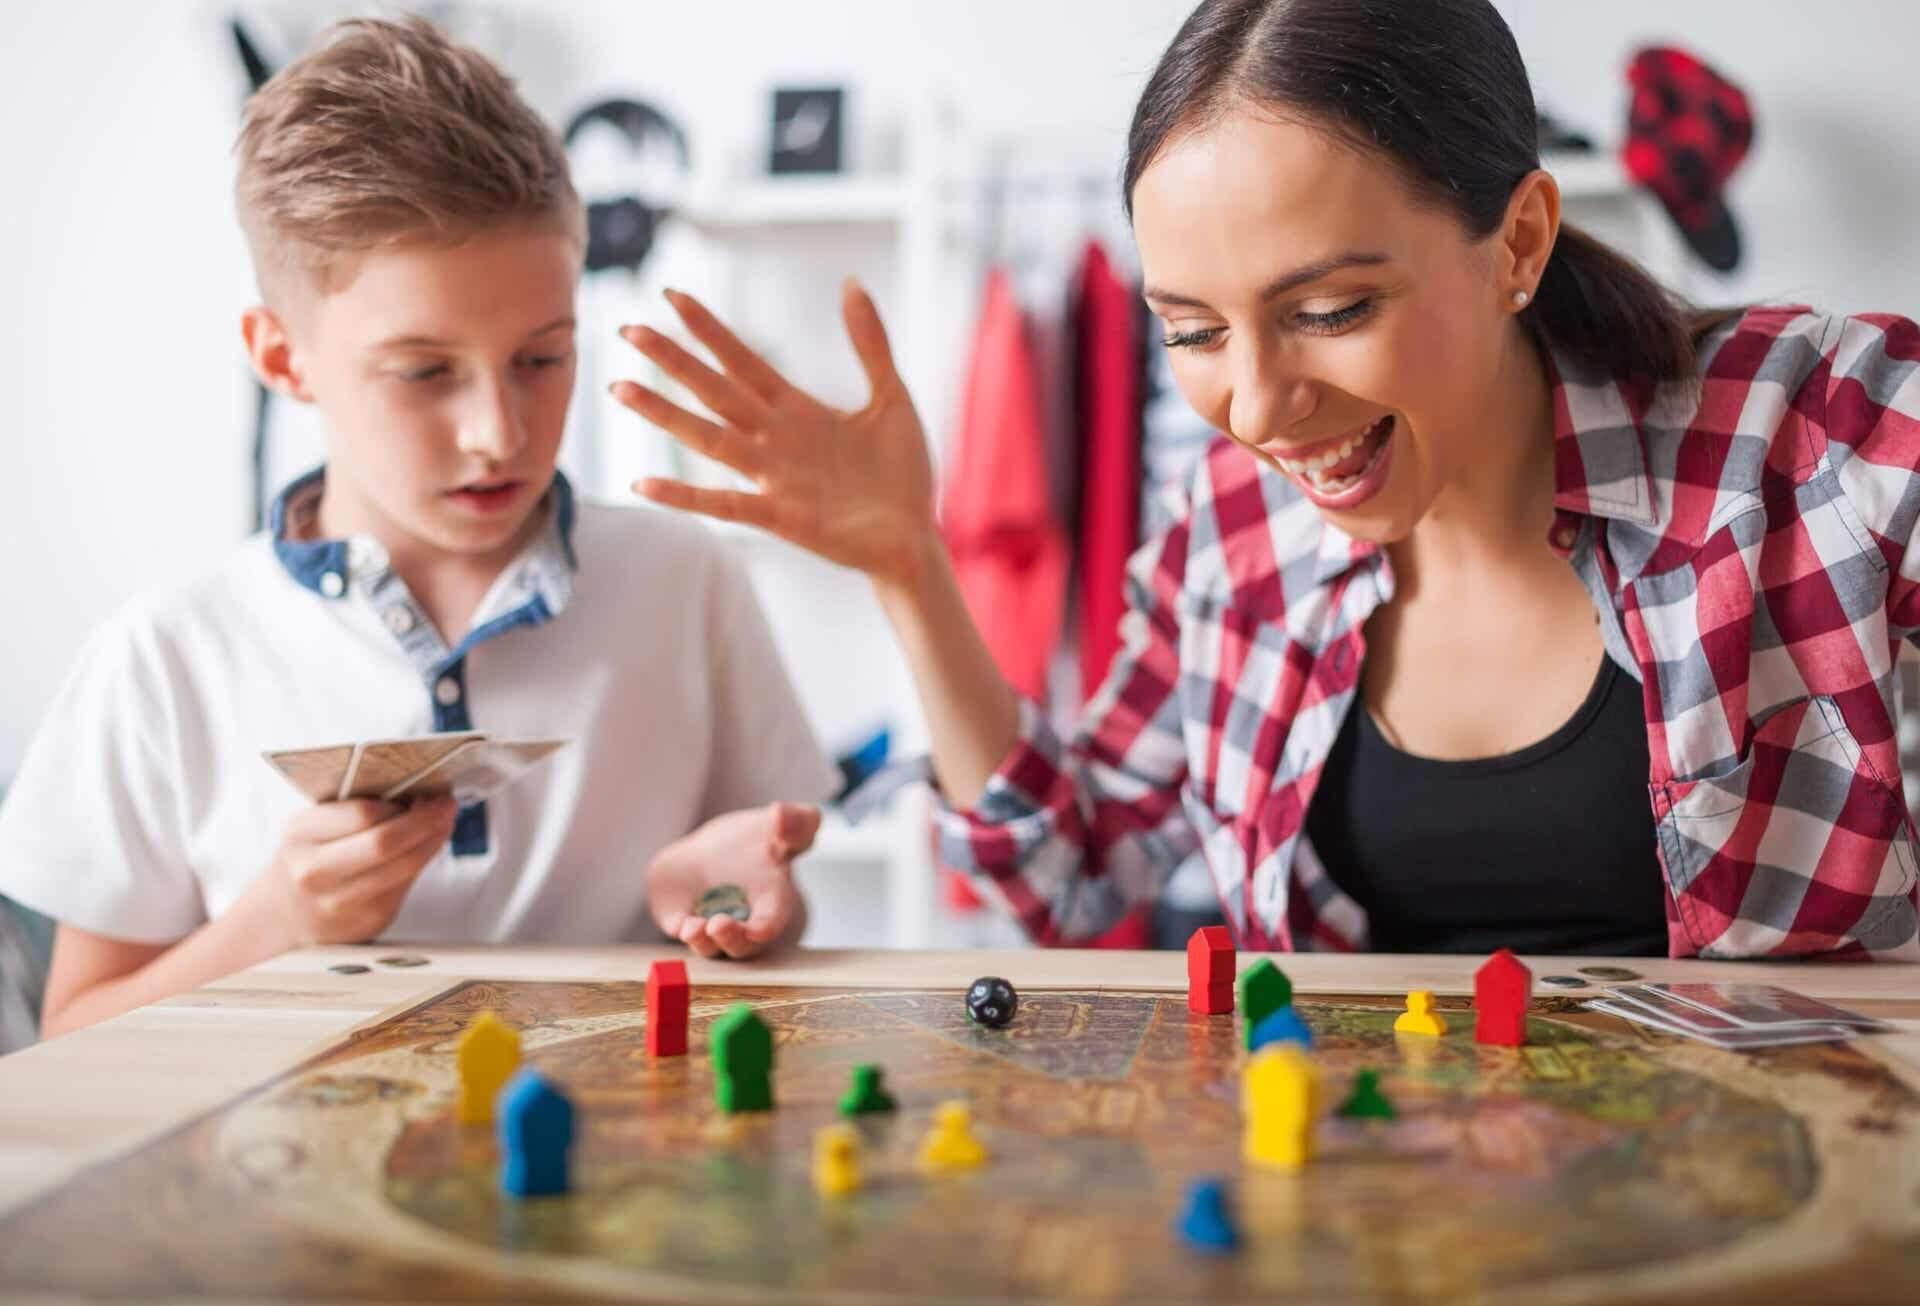 Matka i dziecko bawiące się w gry kooperacyjne.